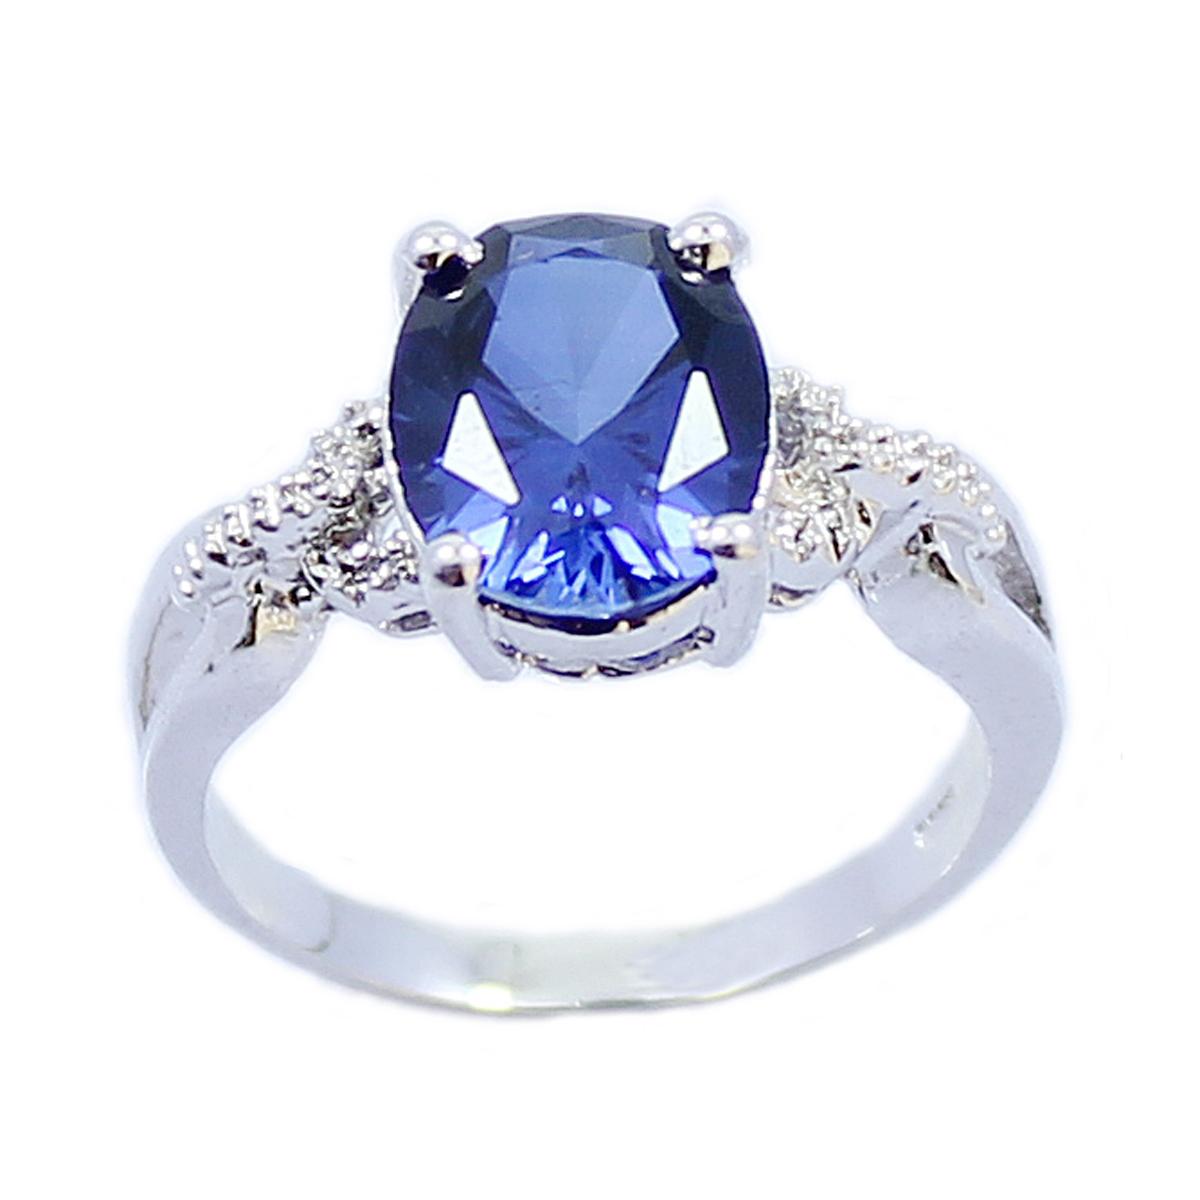 人气热卖 七夕礼物天然蓝刚玉戒指 纯银半宝石日韩女戒子 复古指环